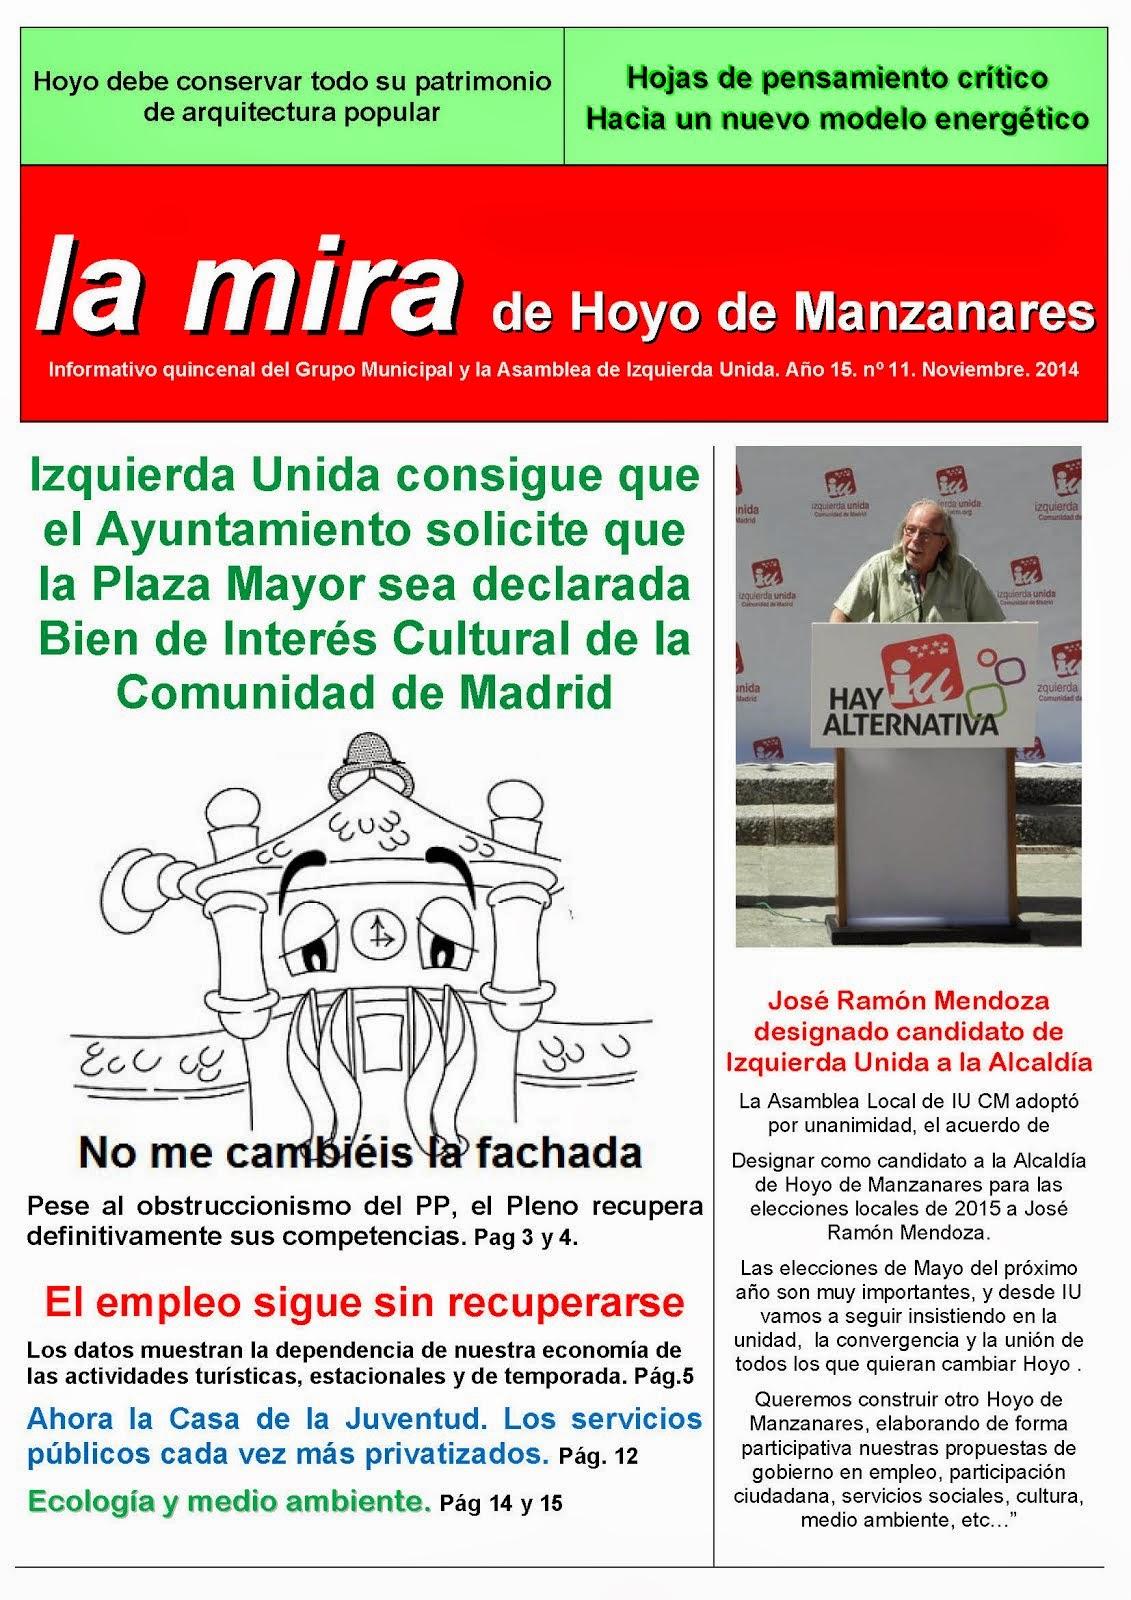 La mira de Hoyo de Manzanares Noviembre 2014